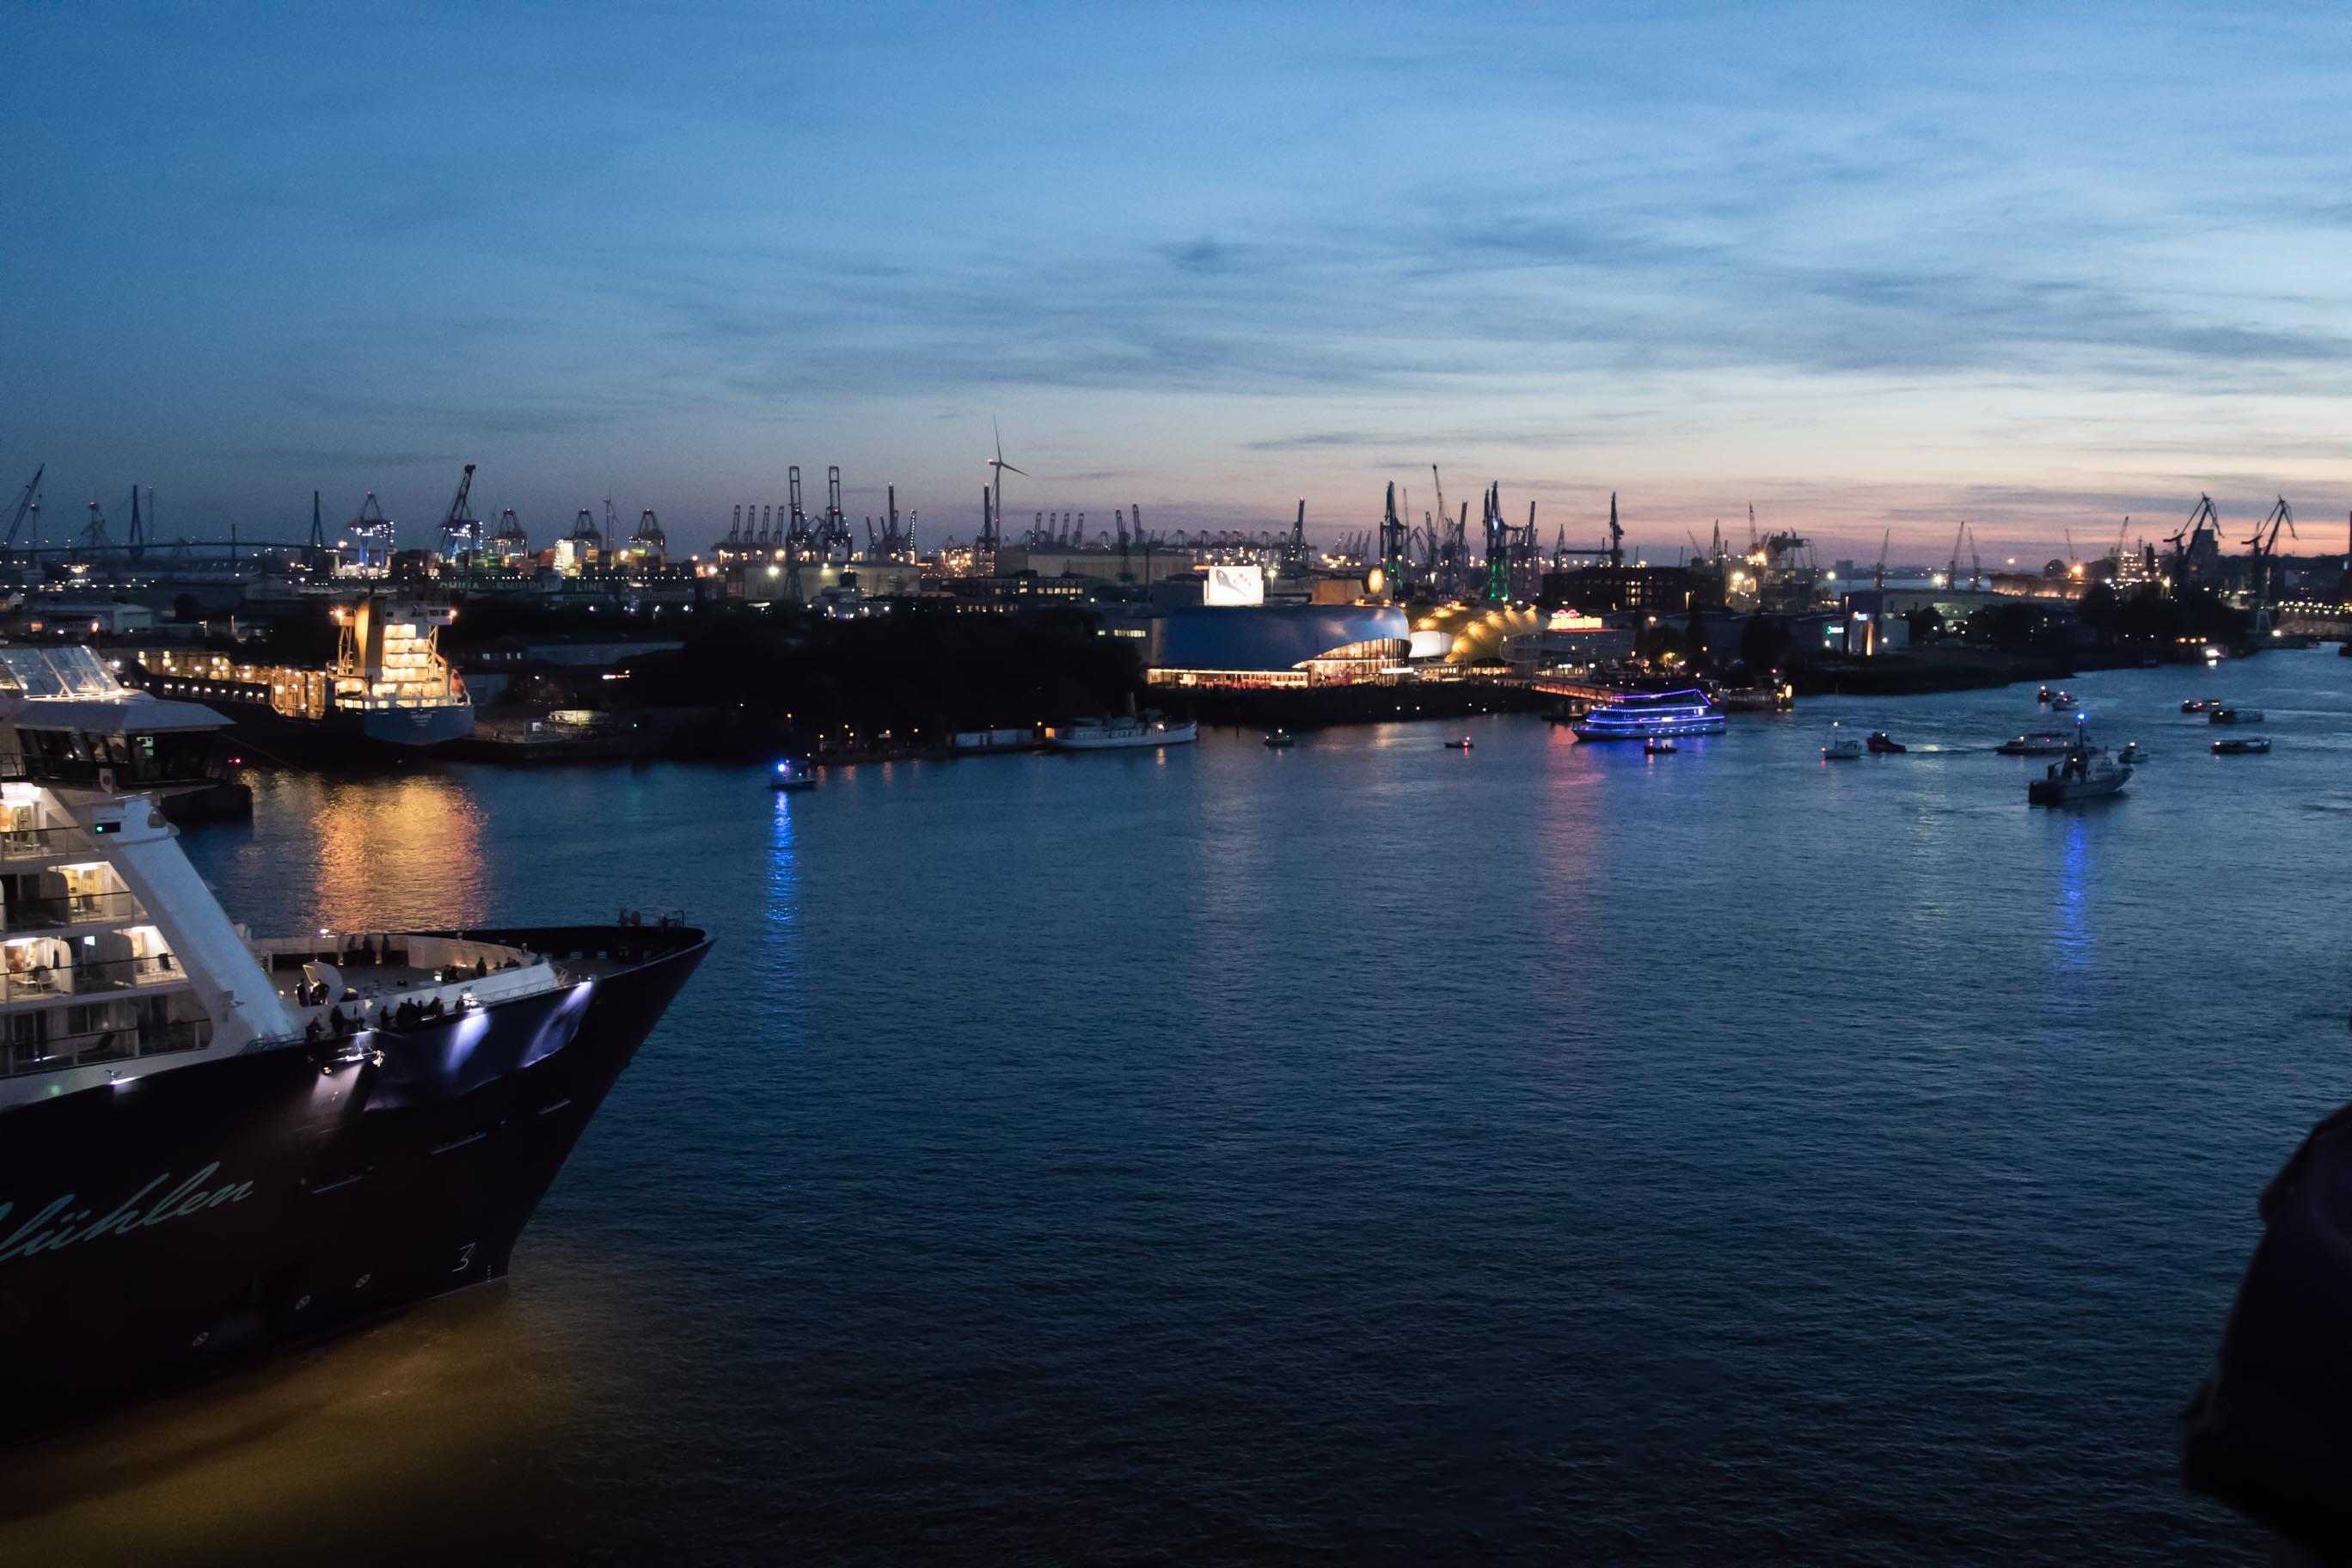 Mein Schiff 6 Taufe im Hamburger Hafen